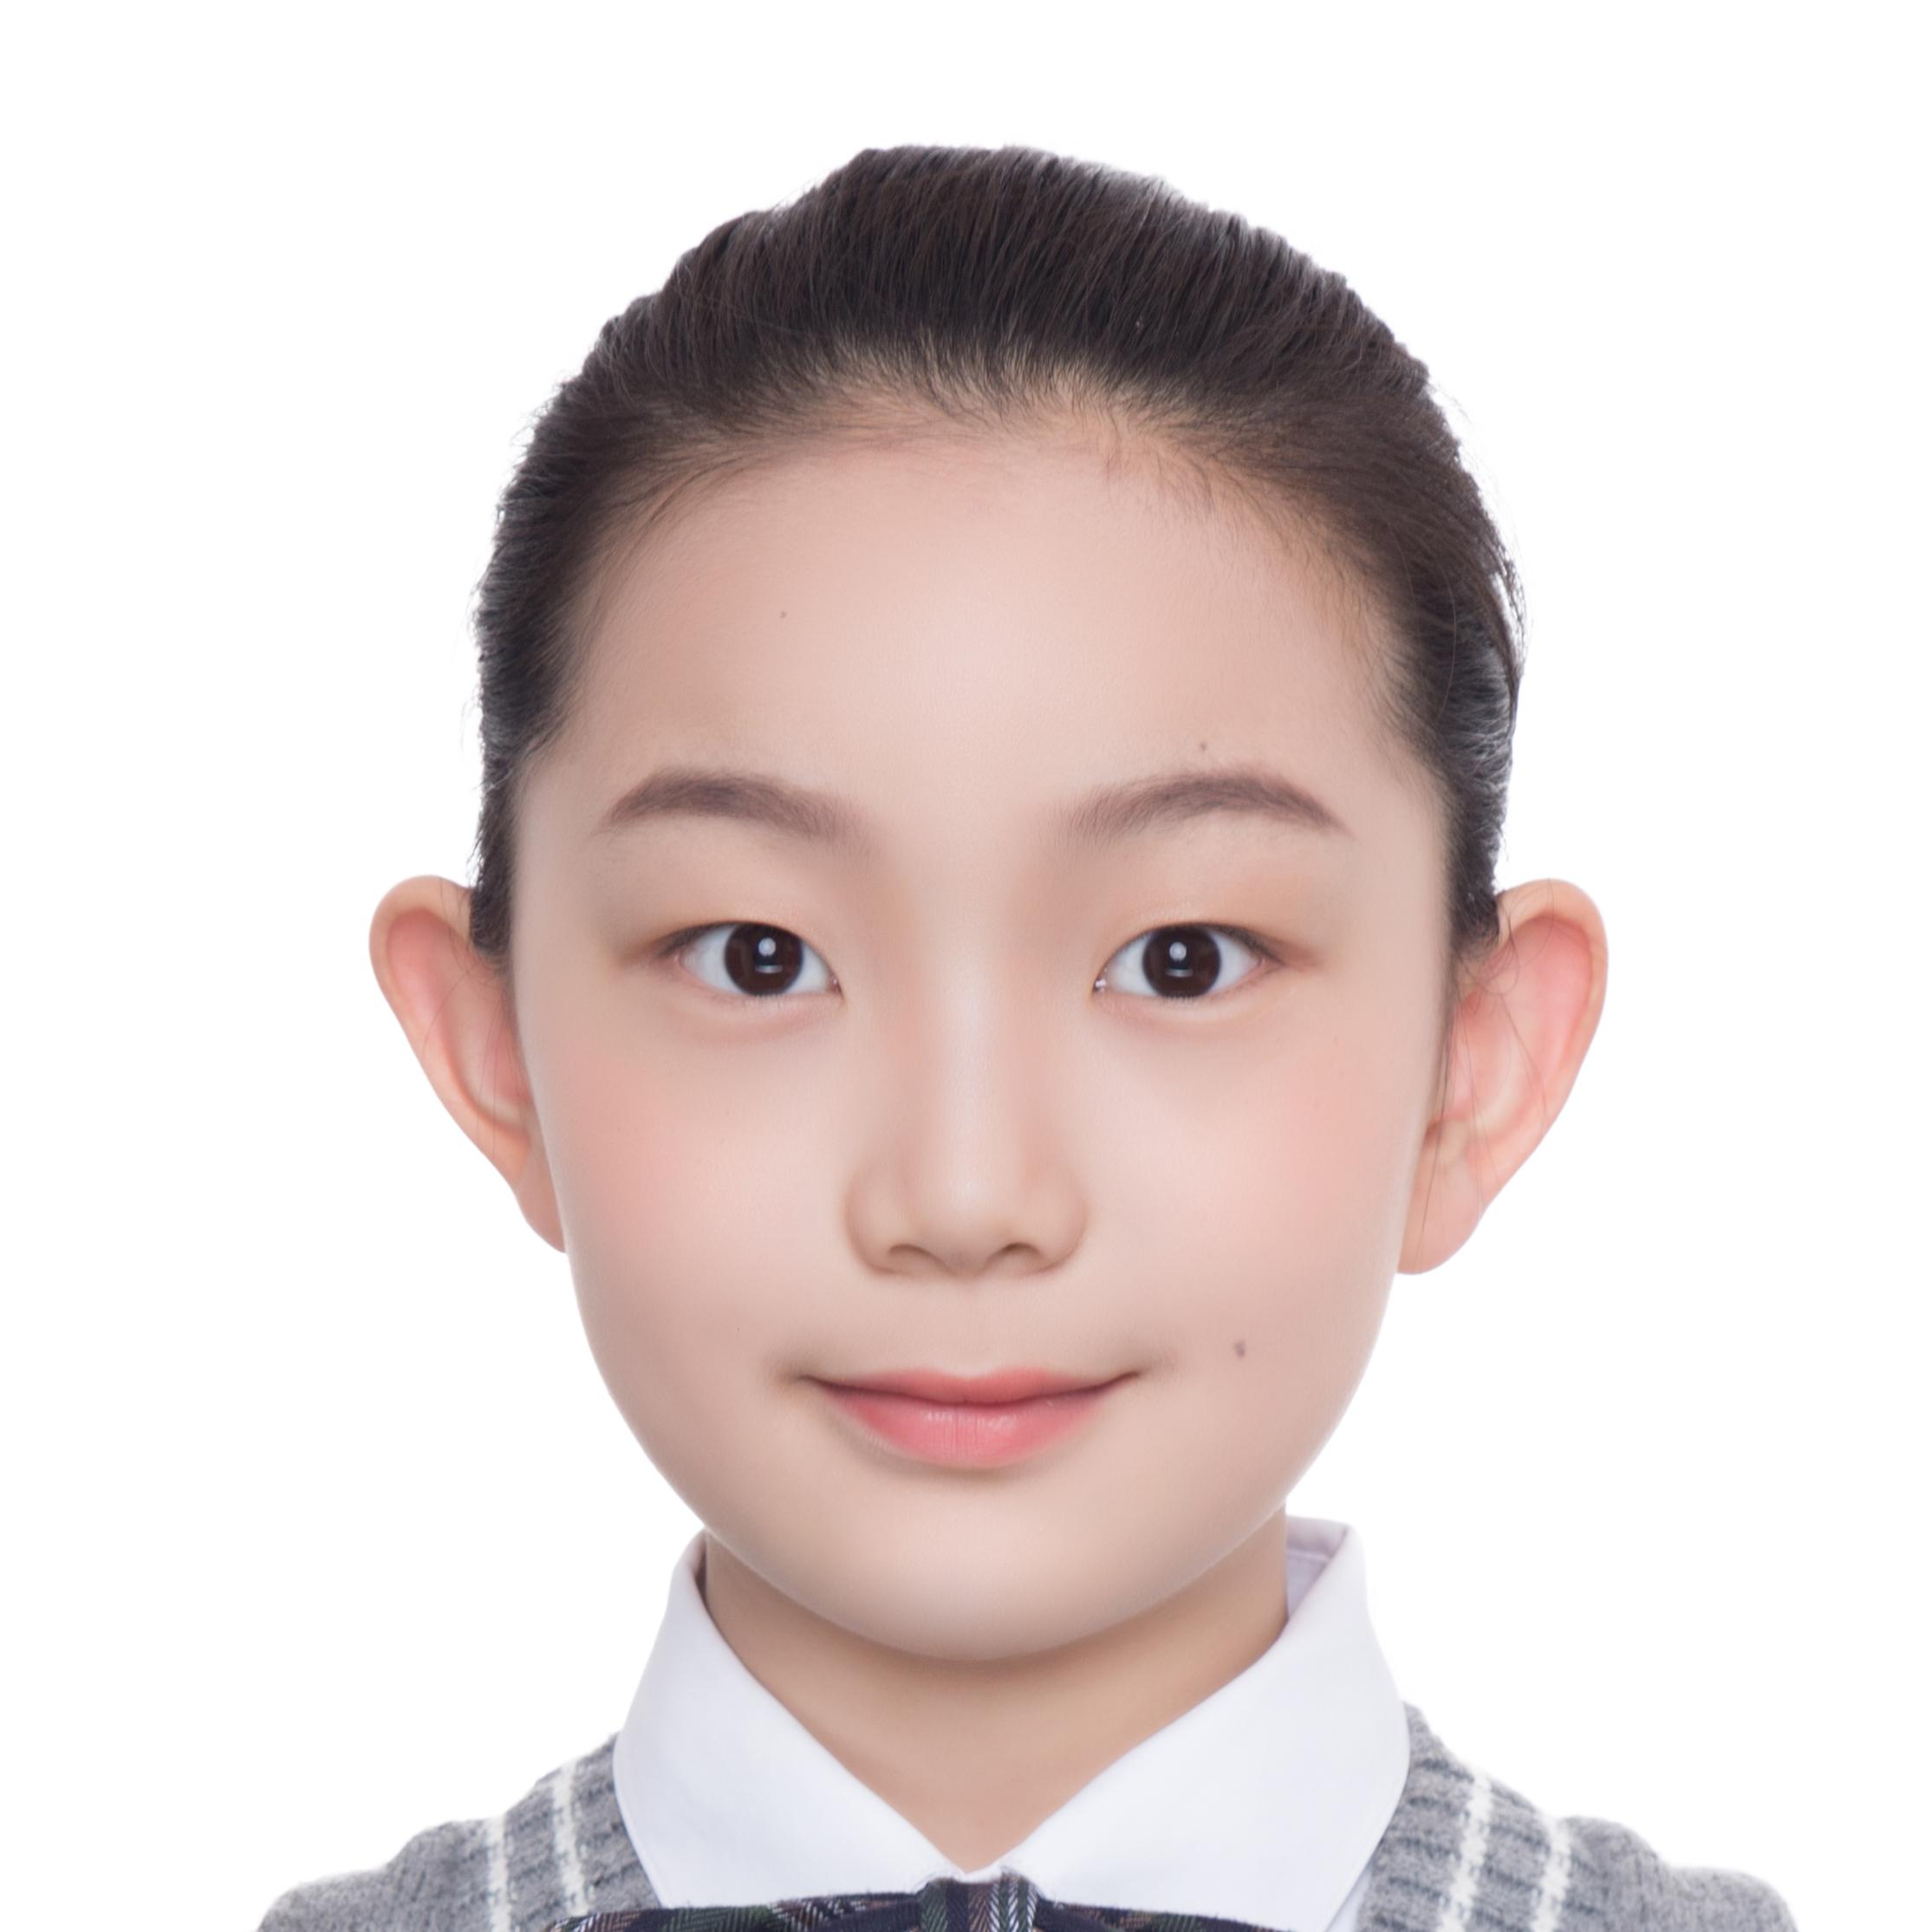 免冠照片 山东师大附小朱晨歌.png